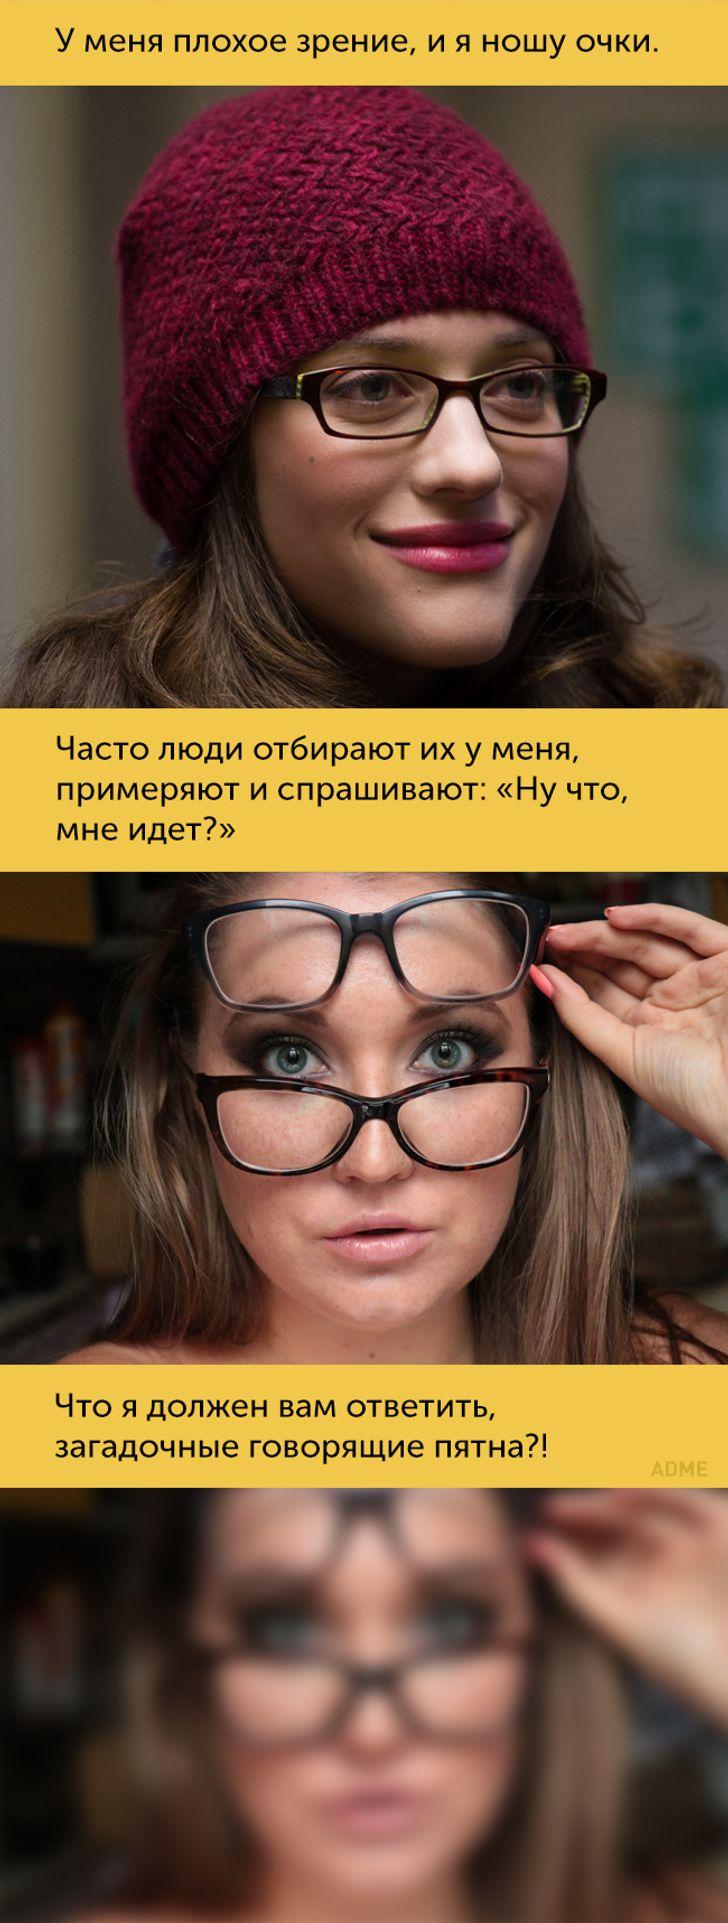 16проблем, которые поймут только люди сплохим зрением